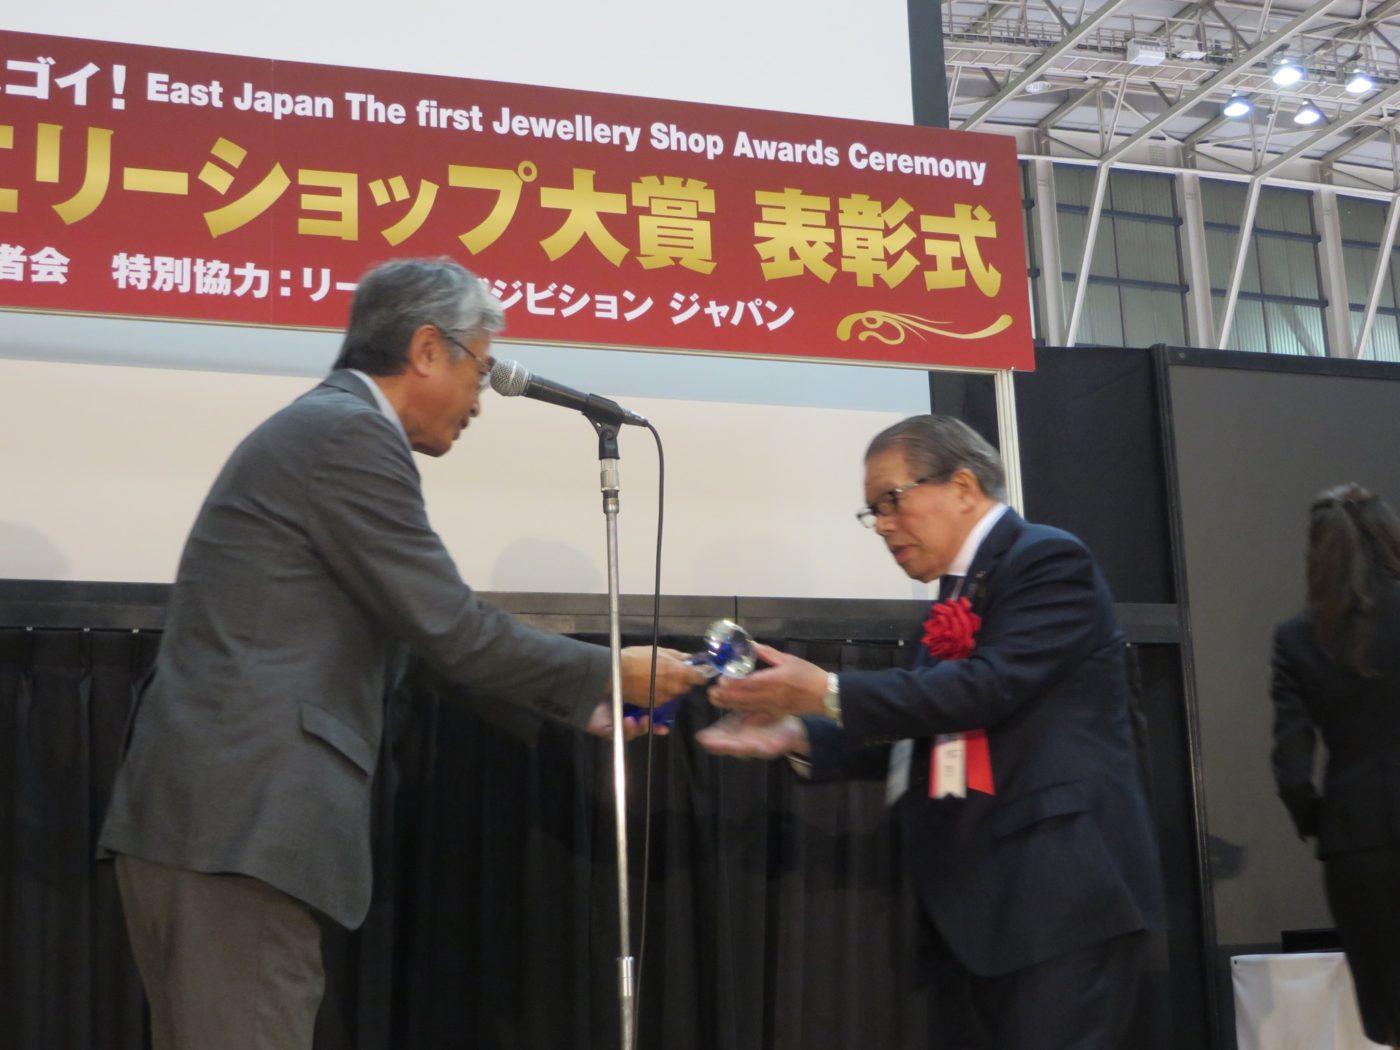 2017年秋のIJTで開催された第1回東日本ジュエリーショップ大賞受賞式でオプトナカムラがグランプリを受賞しました。